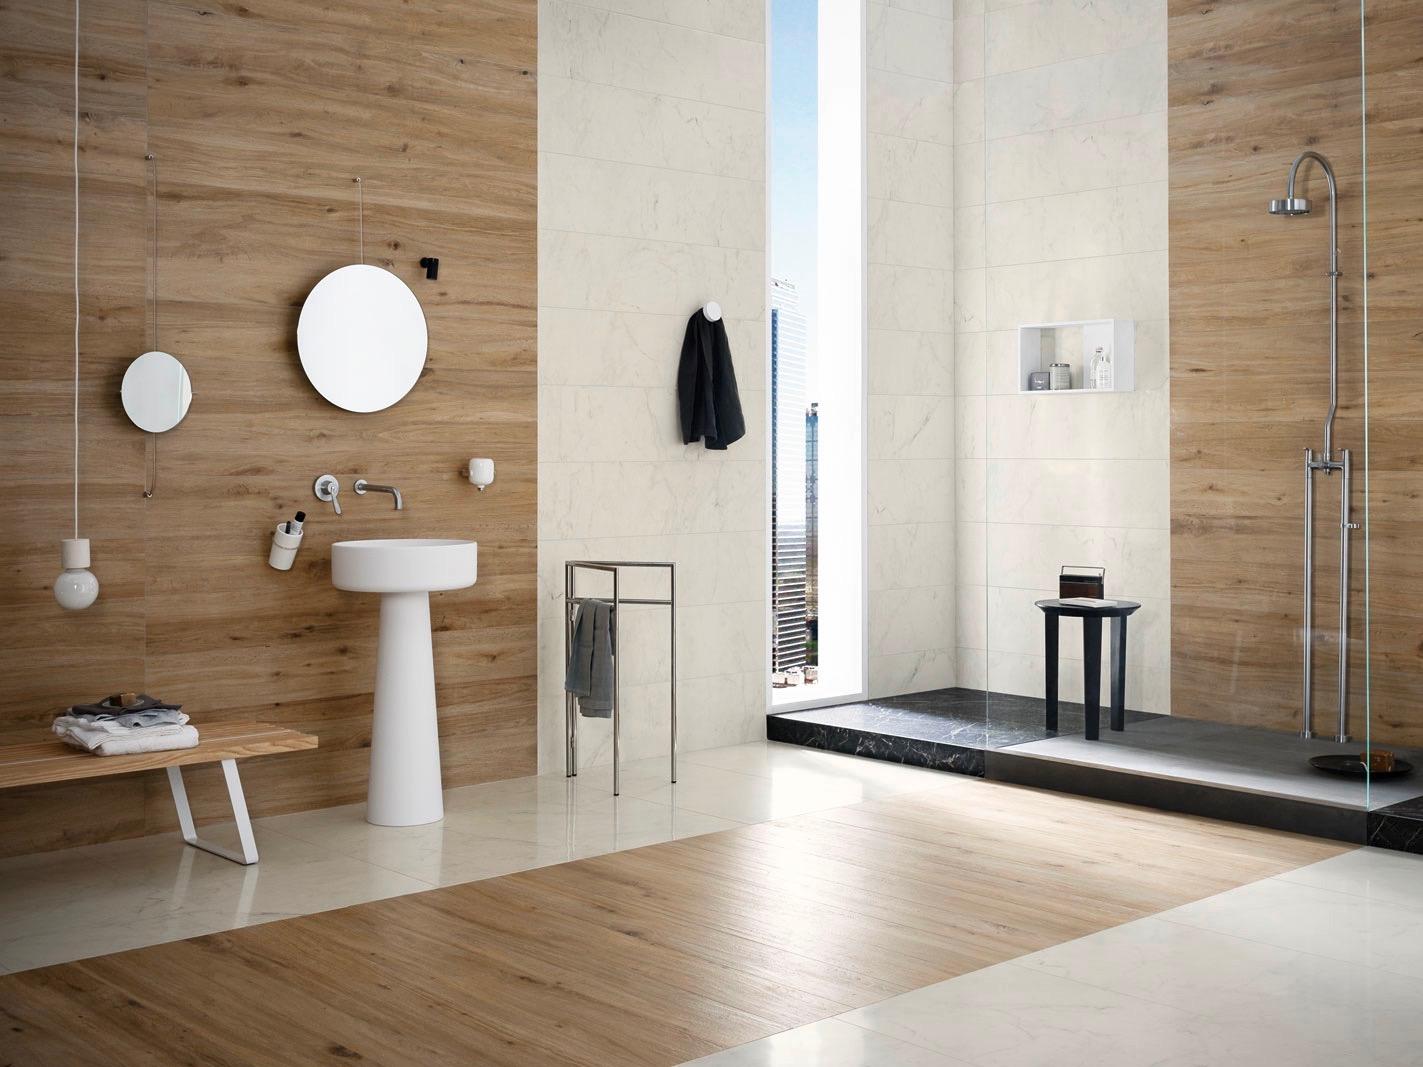 BadezimmerFliesen  Tipps zur richtigen Wahl  badezimmercom